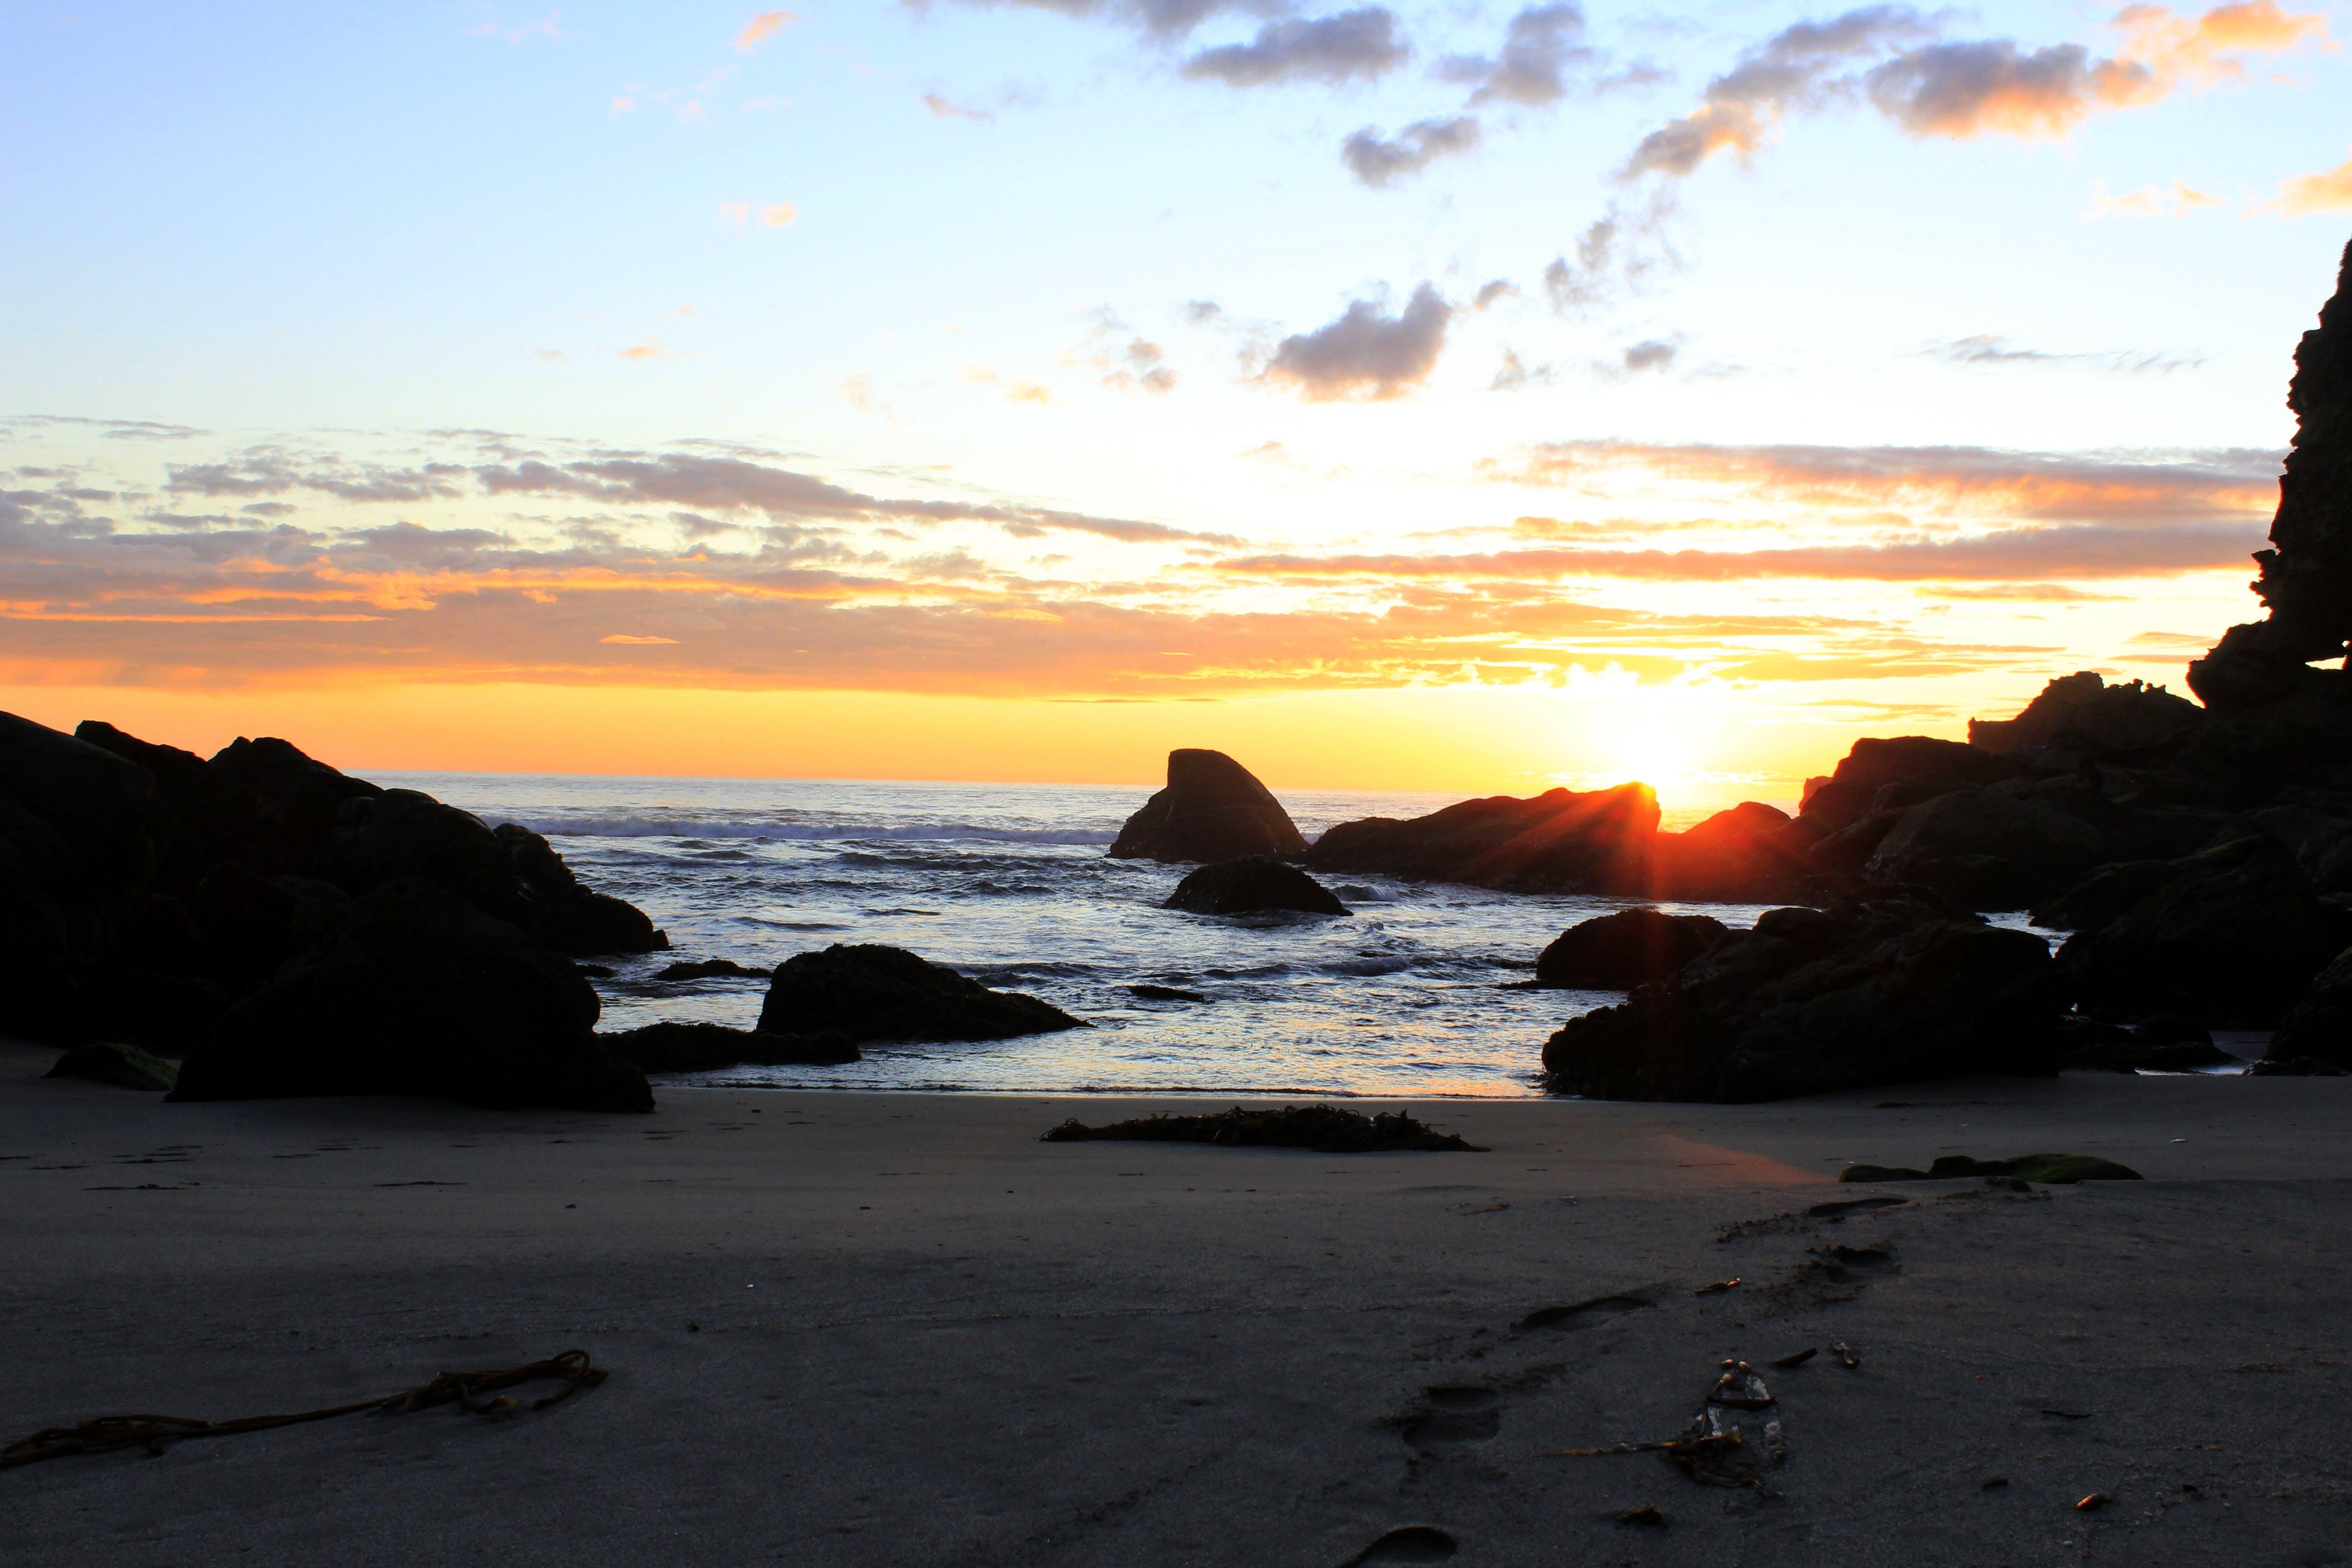 Beach and Rocks Under Orange Sunset